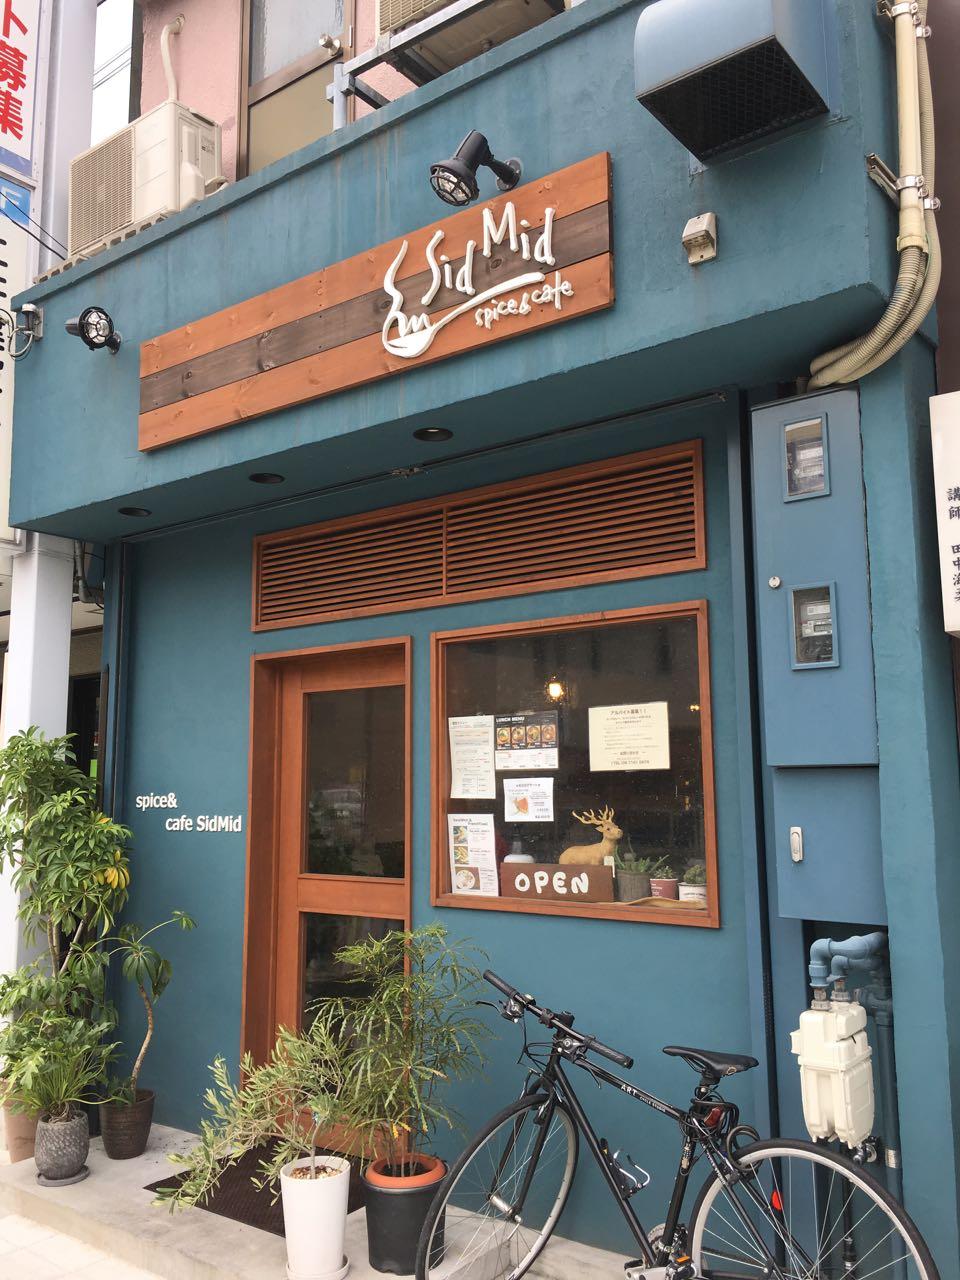 庄内にフォトジェニックな本格スパイスカレーspice&cafe SidMid (スパイスアンドカフェ シドミド)